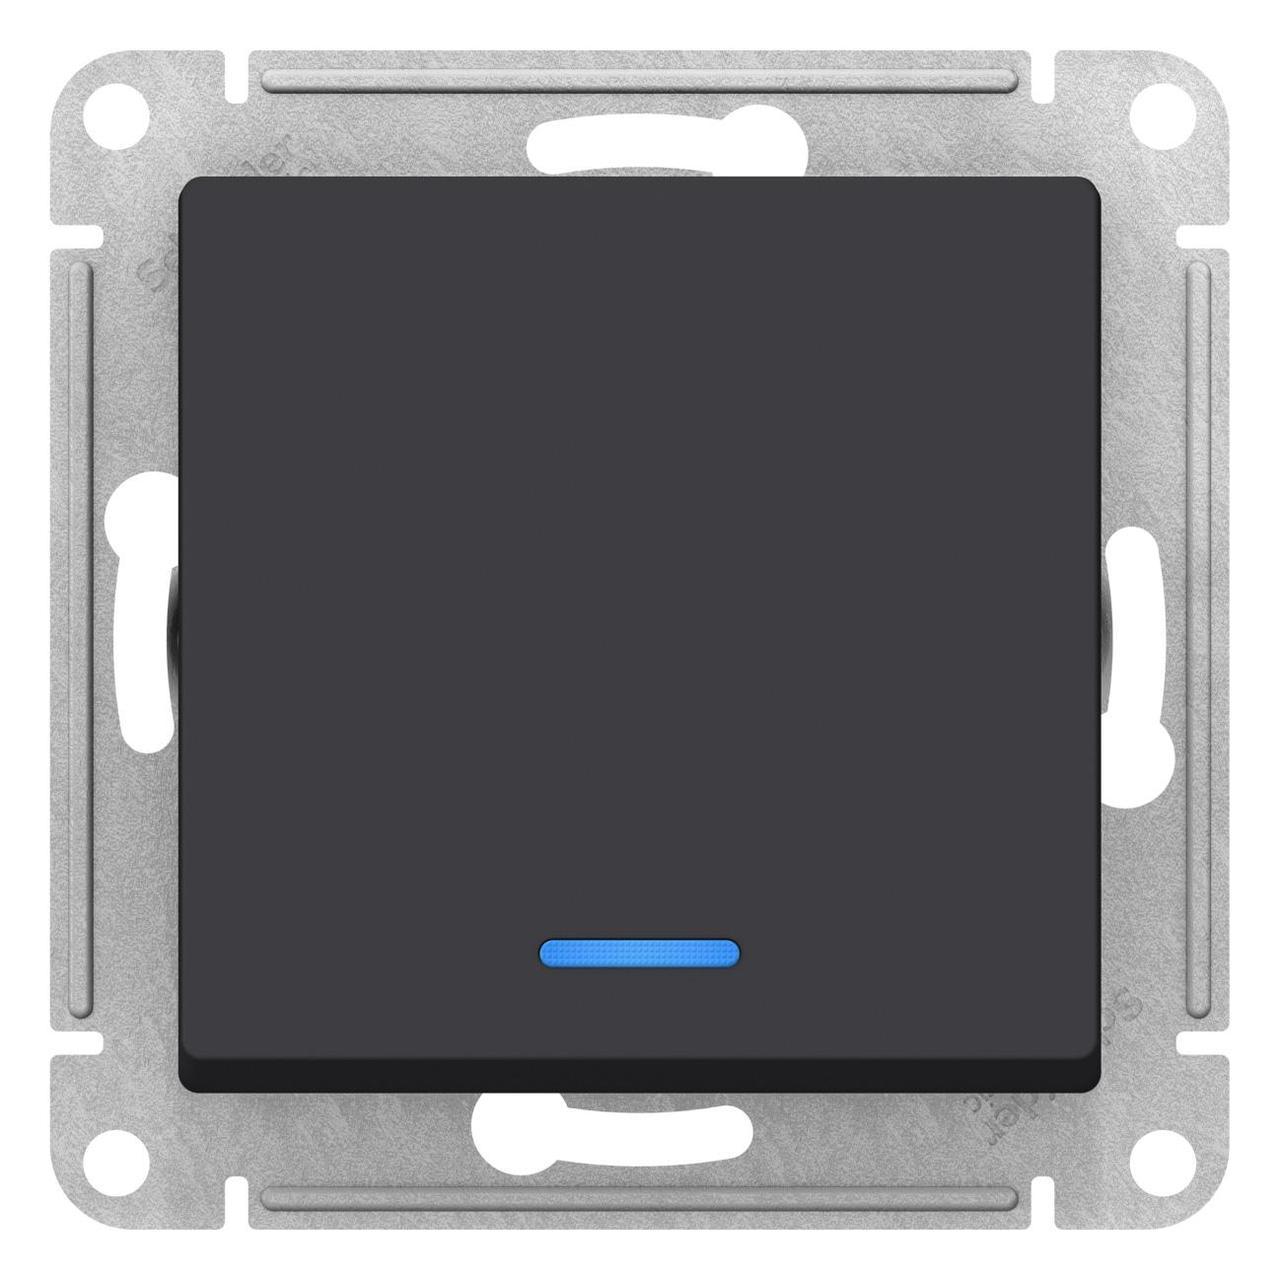 Выключатель 1-клавишный ,проходной с индикацией (с двух мест) , Карбон, серия Atlas Design, Schneider Electric